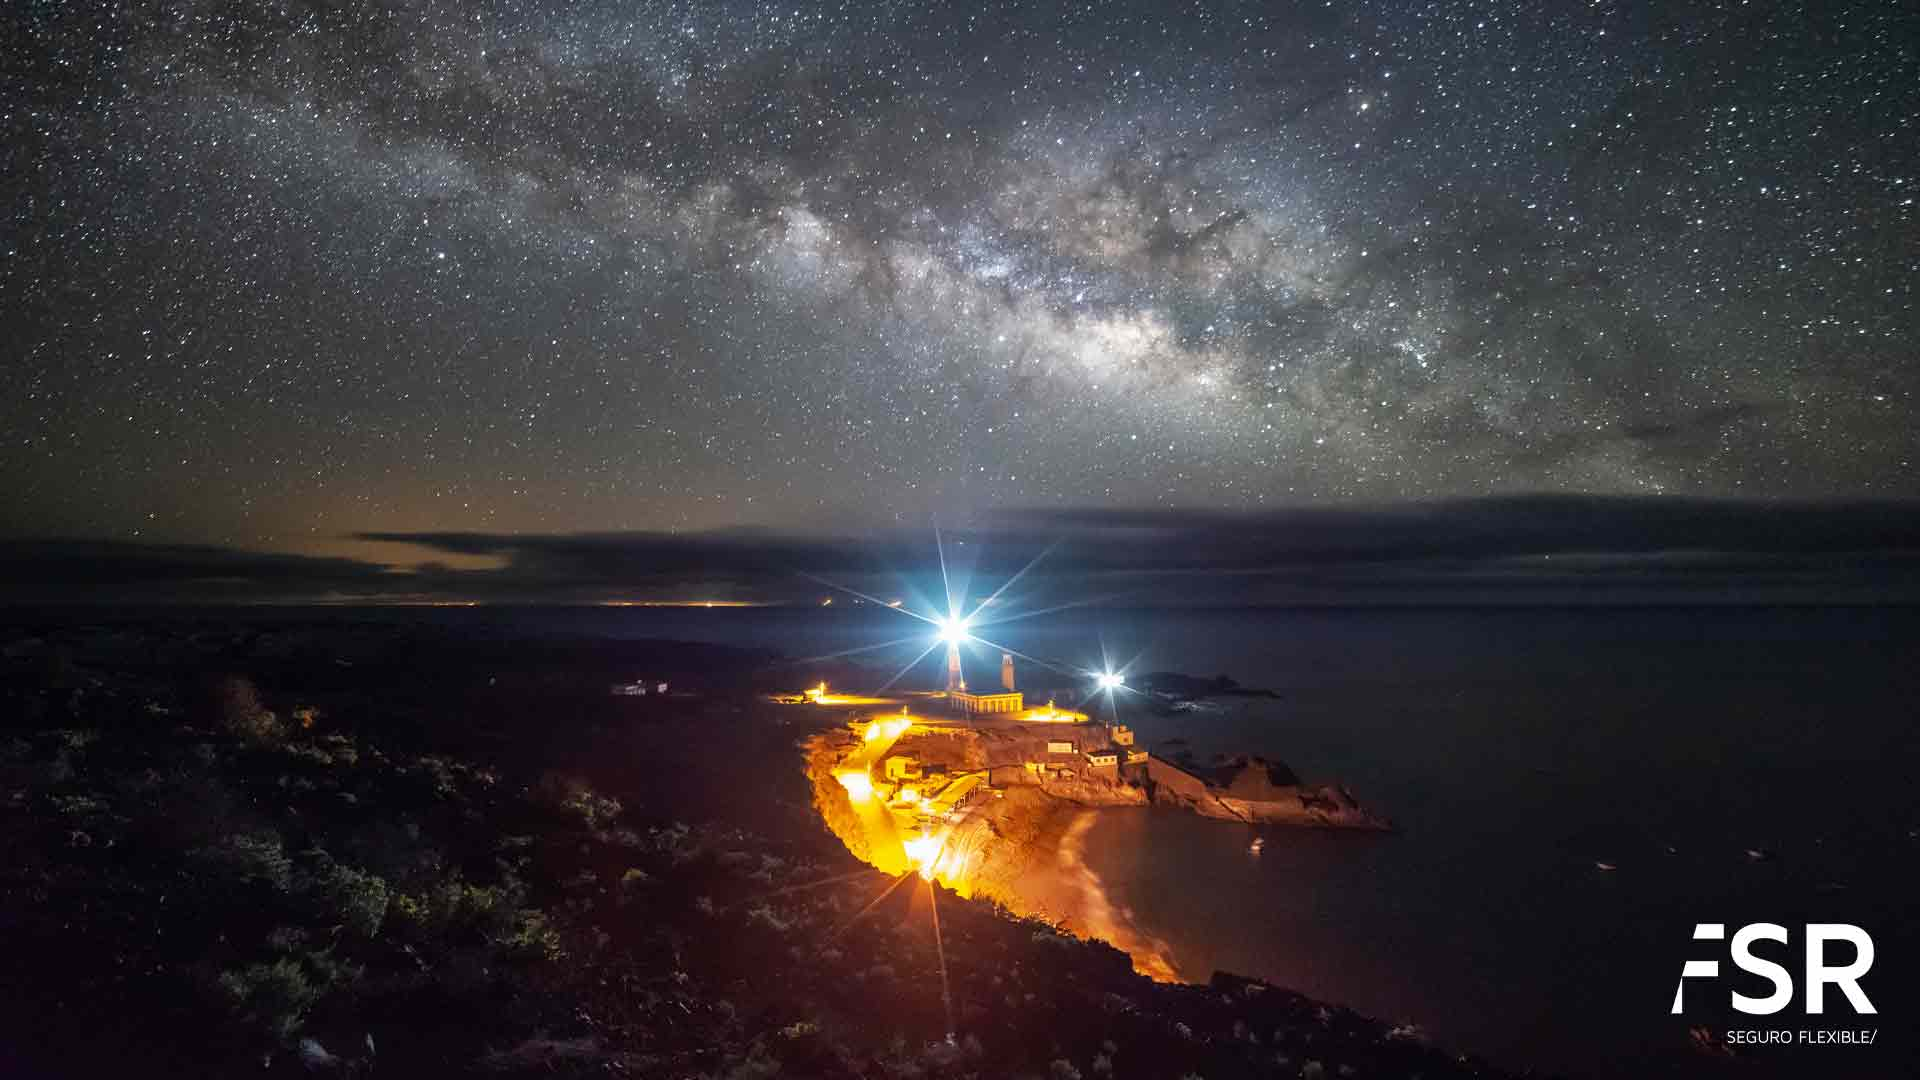 Imagen de la noticia La Isla de La Palma, un reto mayúsculo para el mundo del seguro y la Administracion.